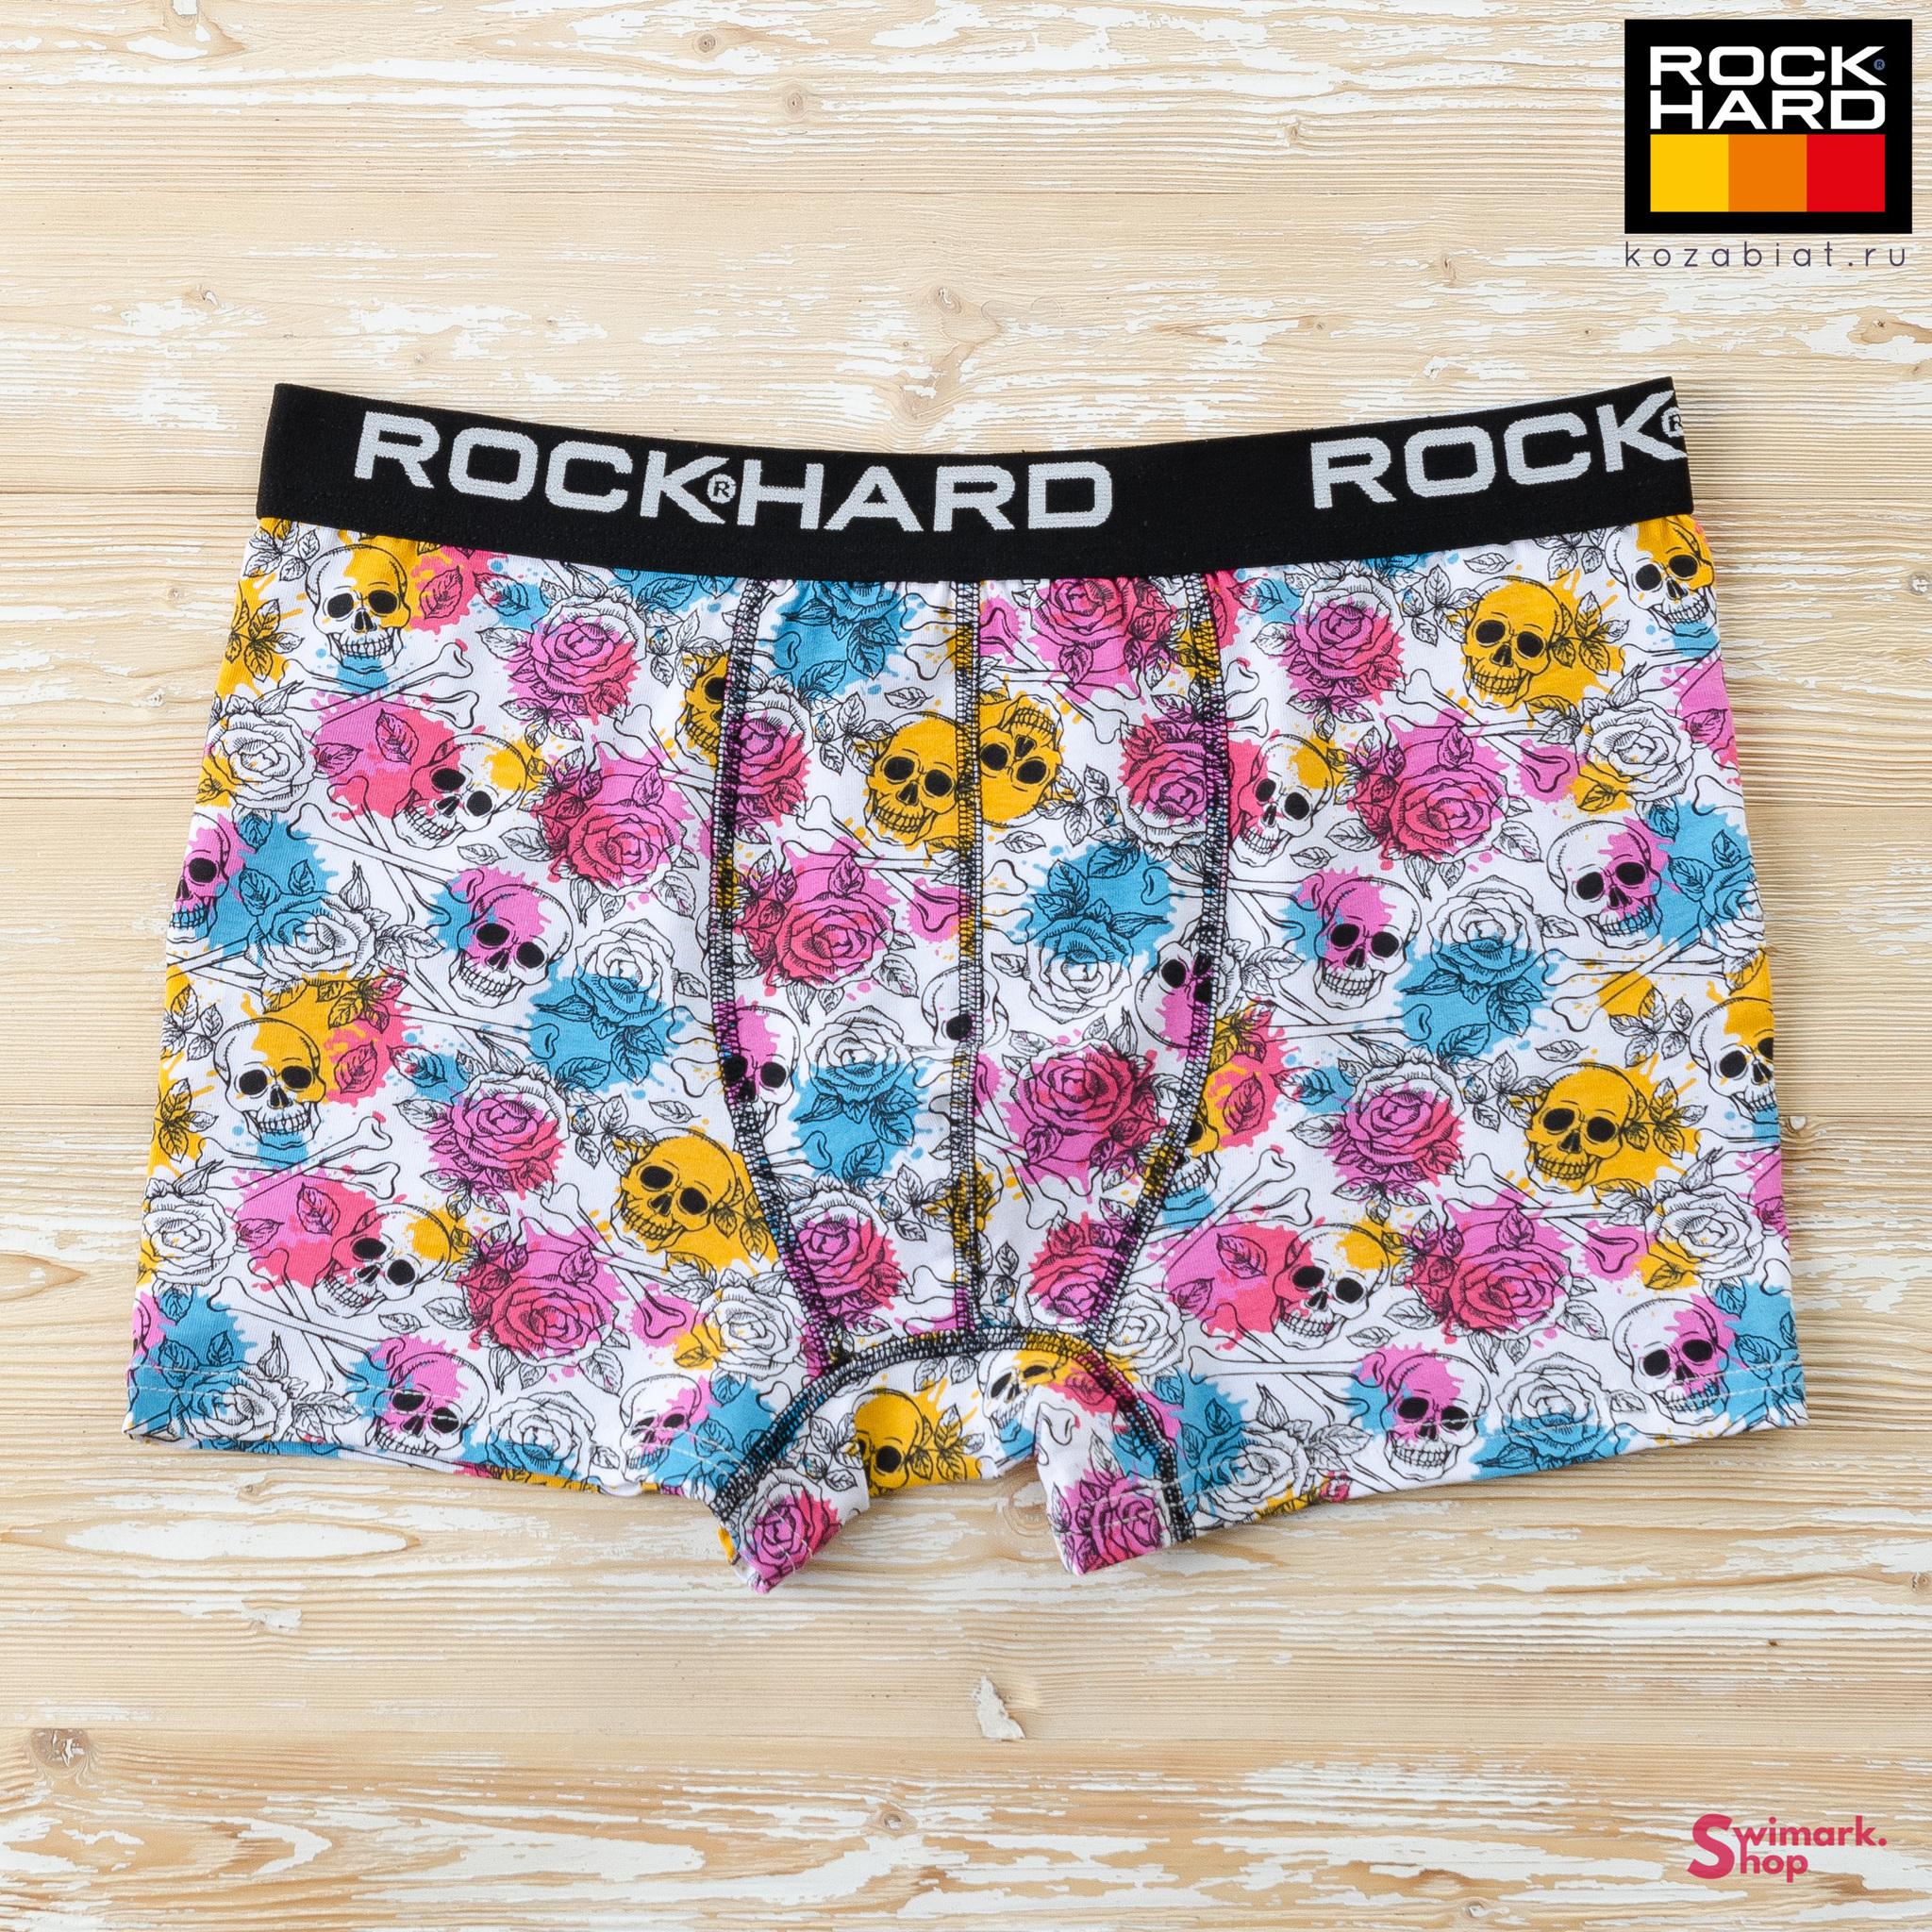 ROCKHARD Боксеры мужские ROCKHARD 7003-11 kozabiat.ru7_006.jpg